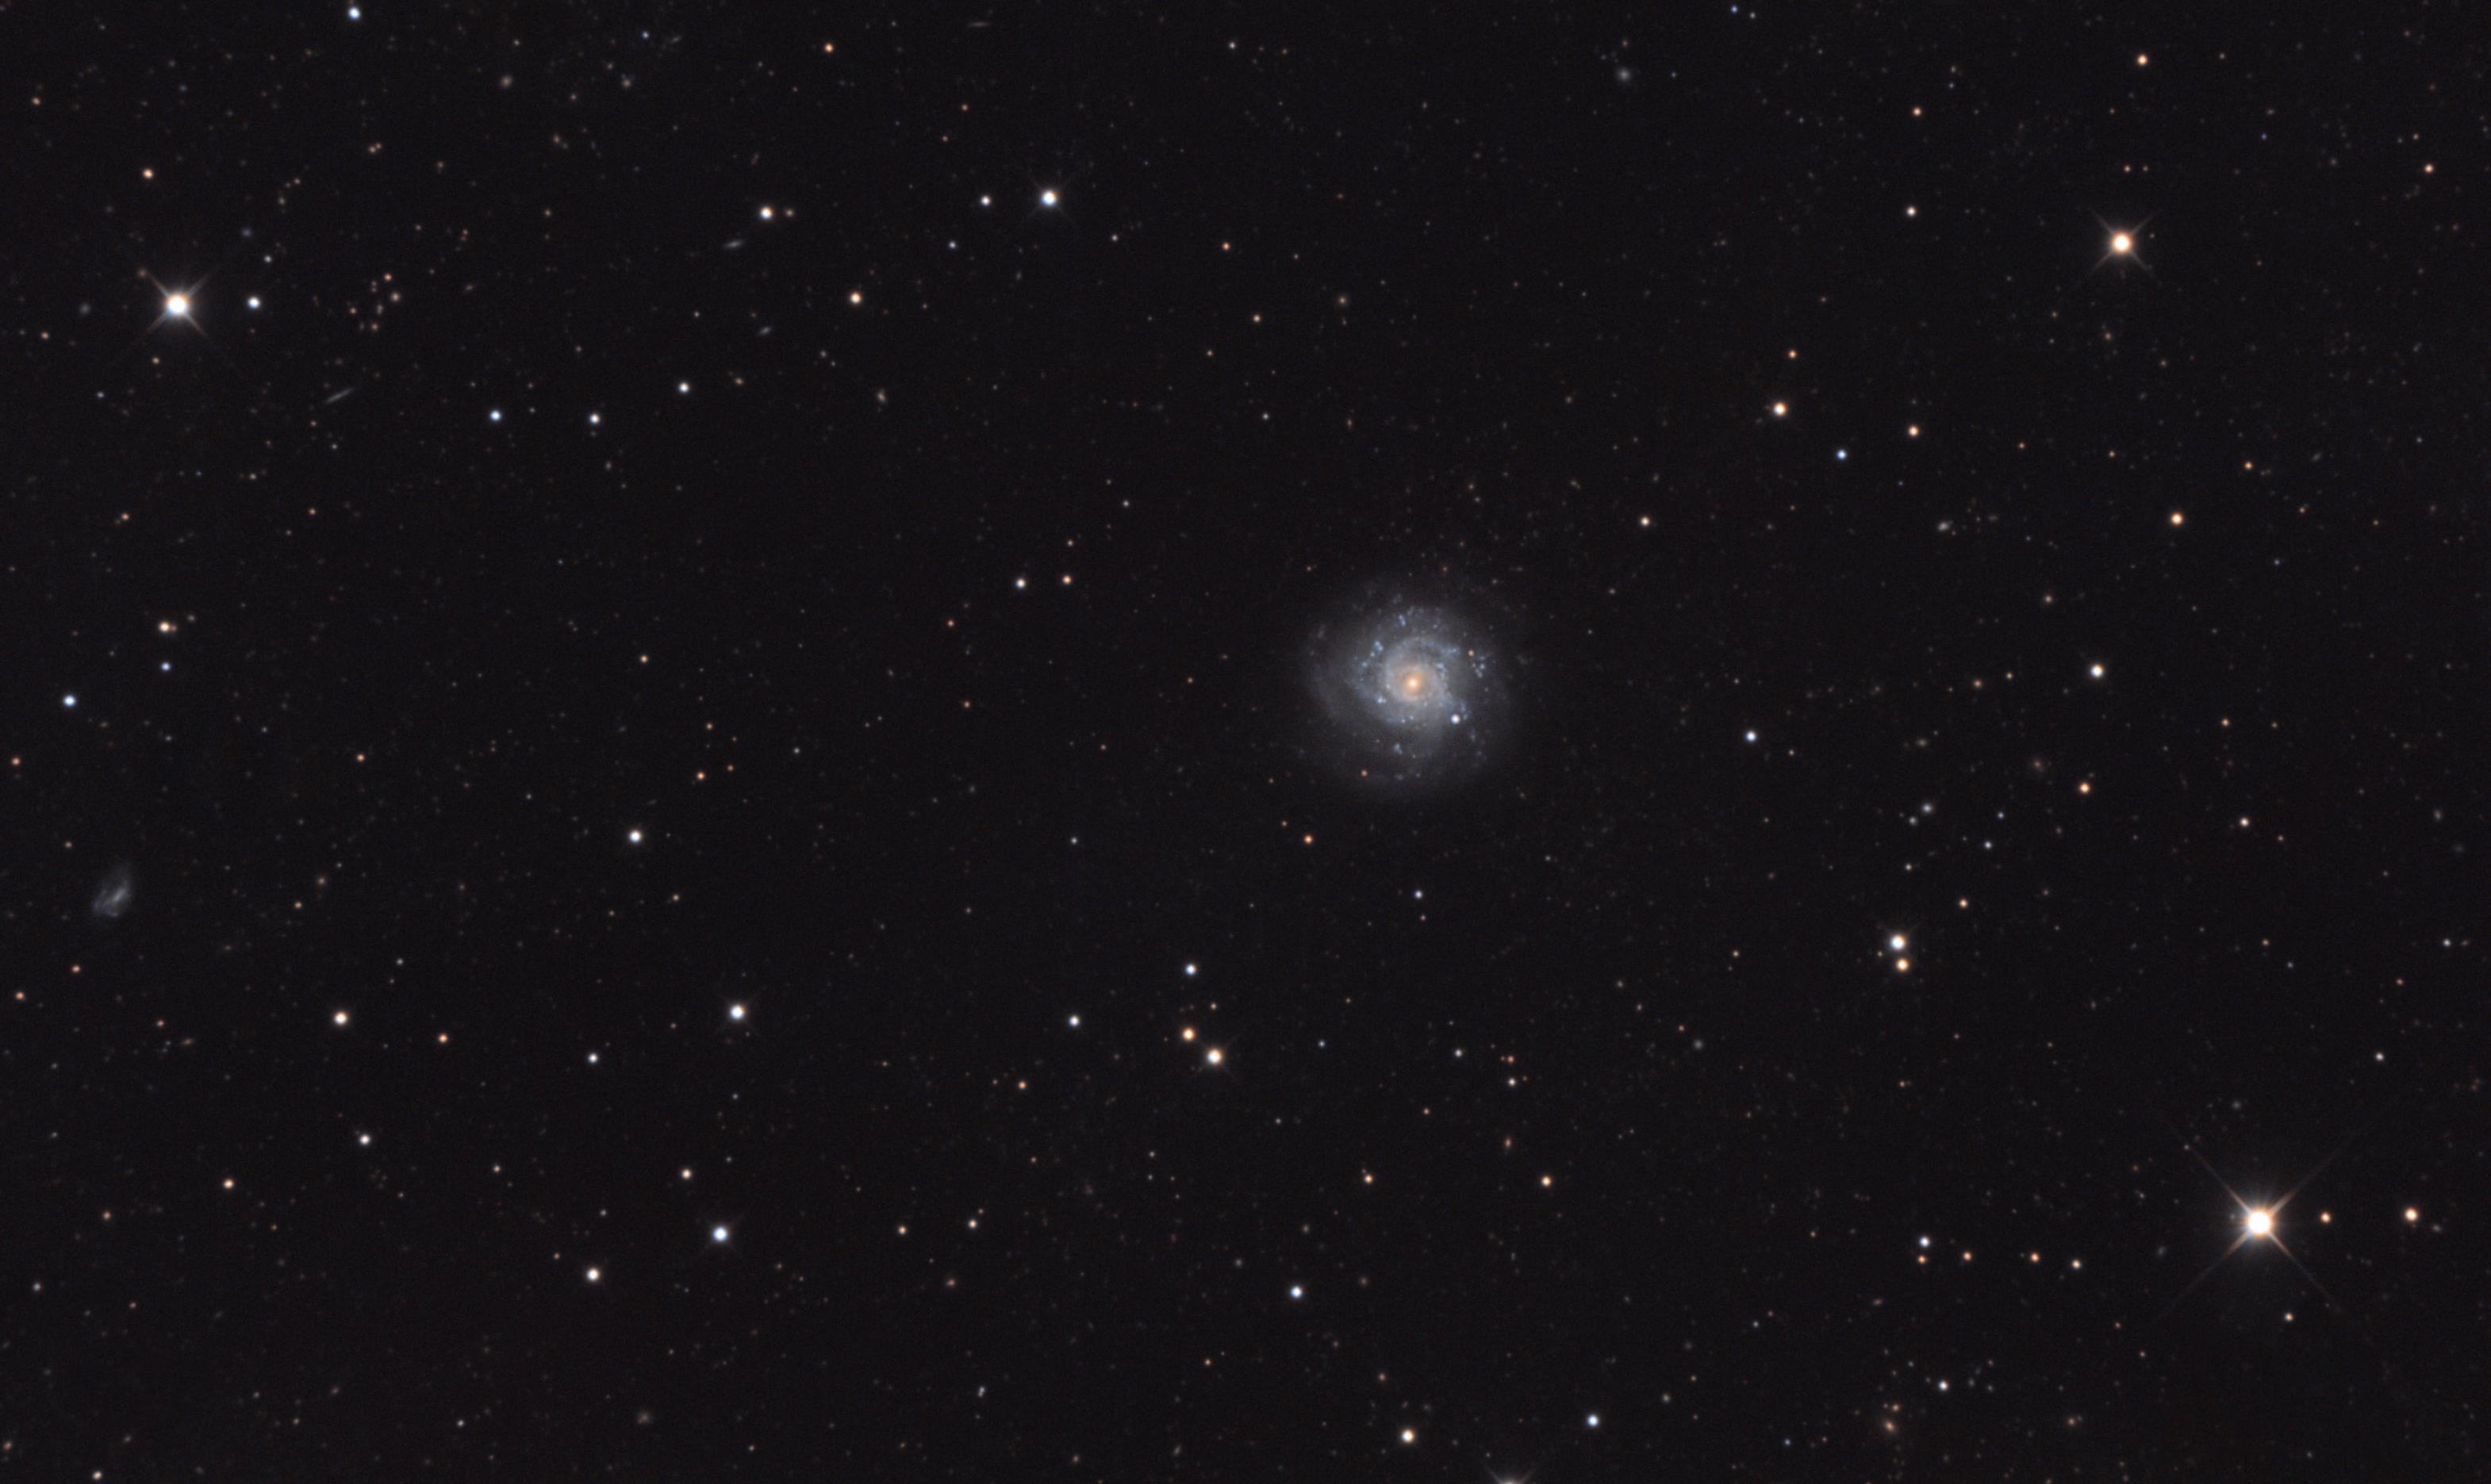 NGC4136-LRVB-Final1.jpg